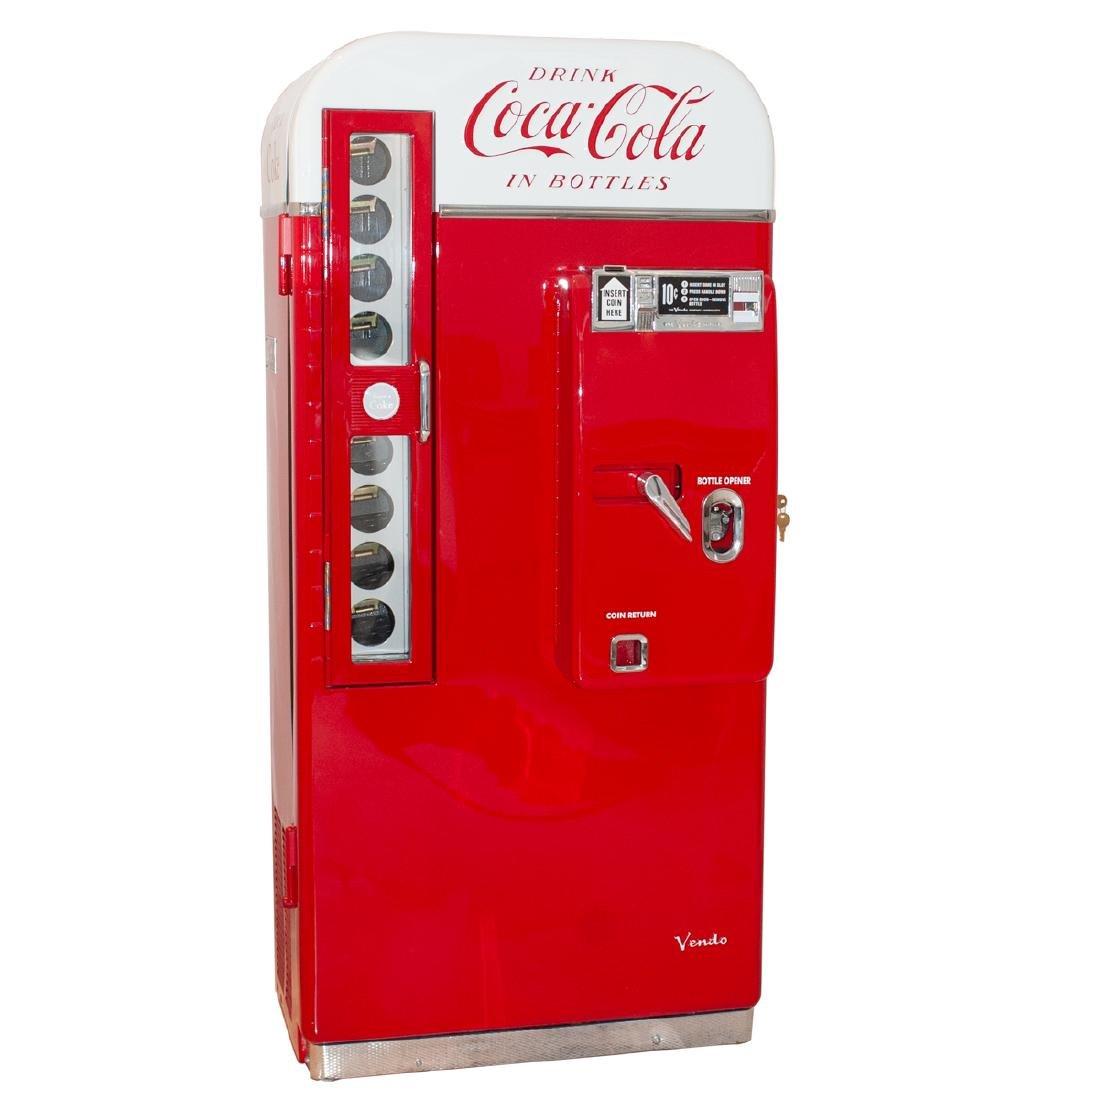 Coca-Cola Vendo 81 Vending Machine